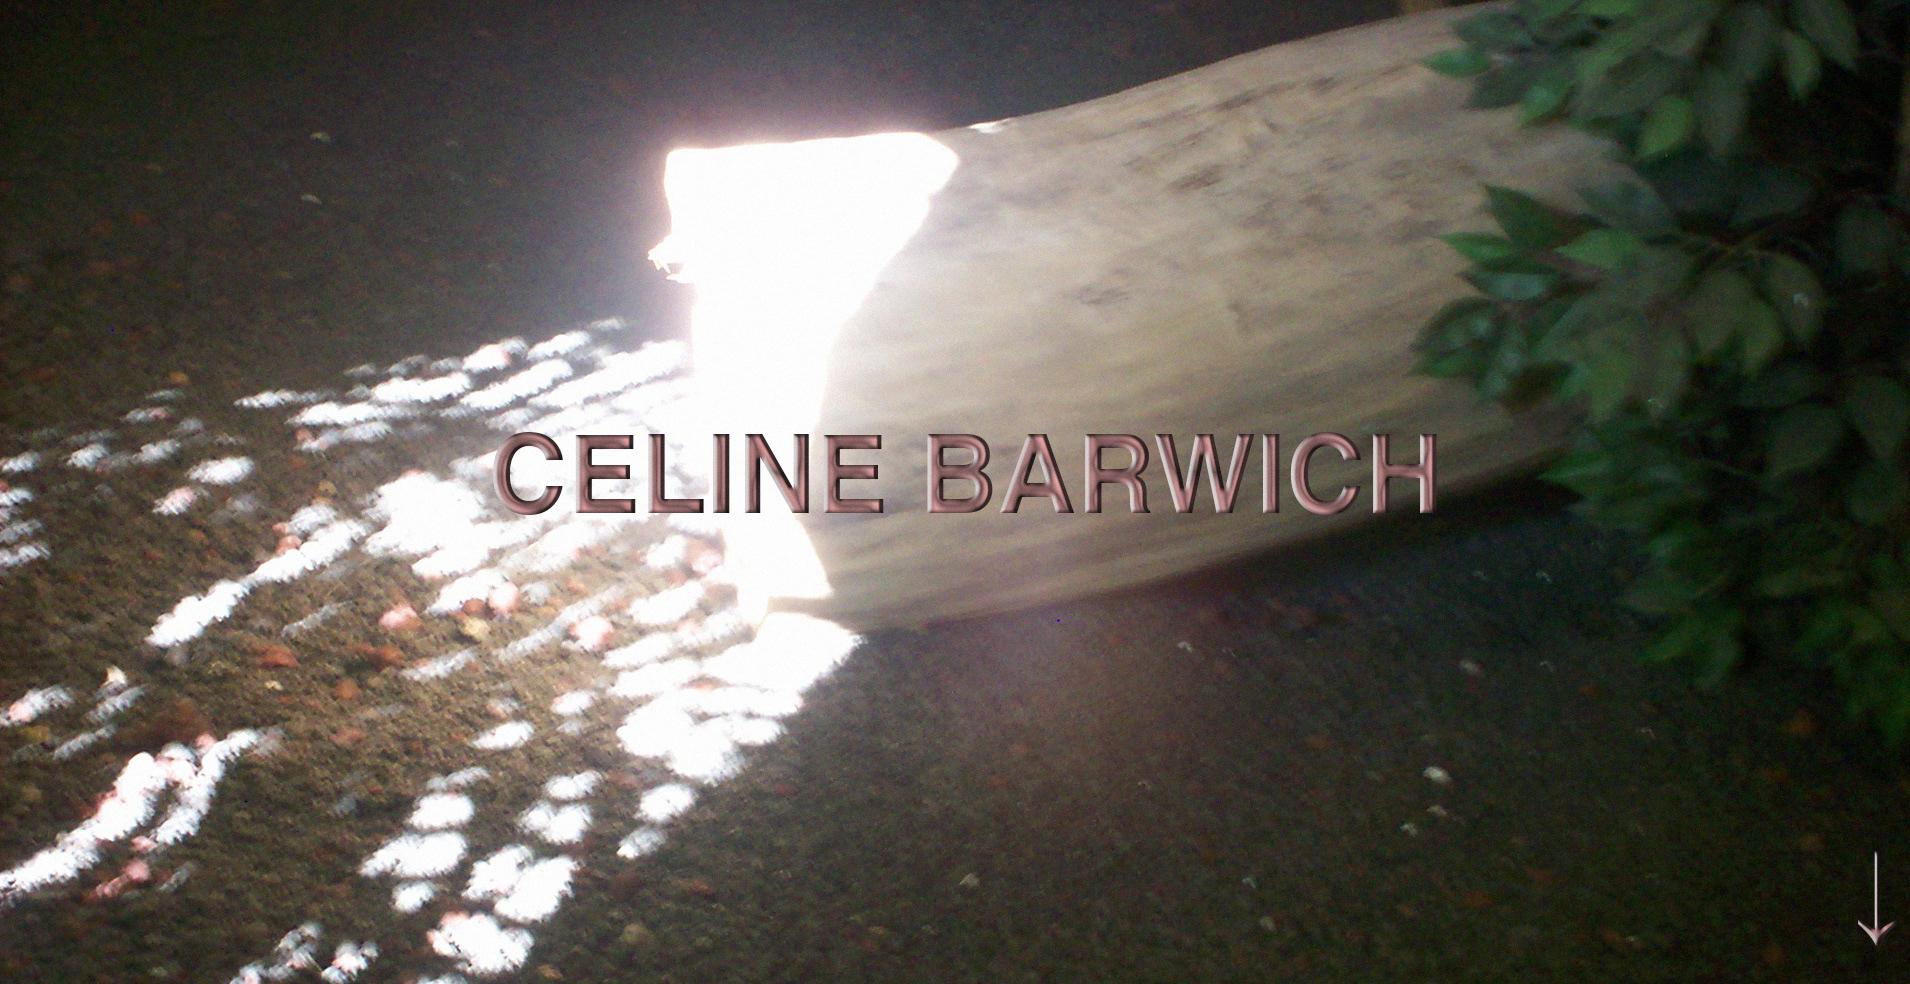 Celine Barwich